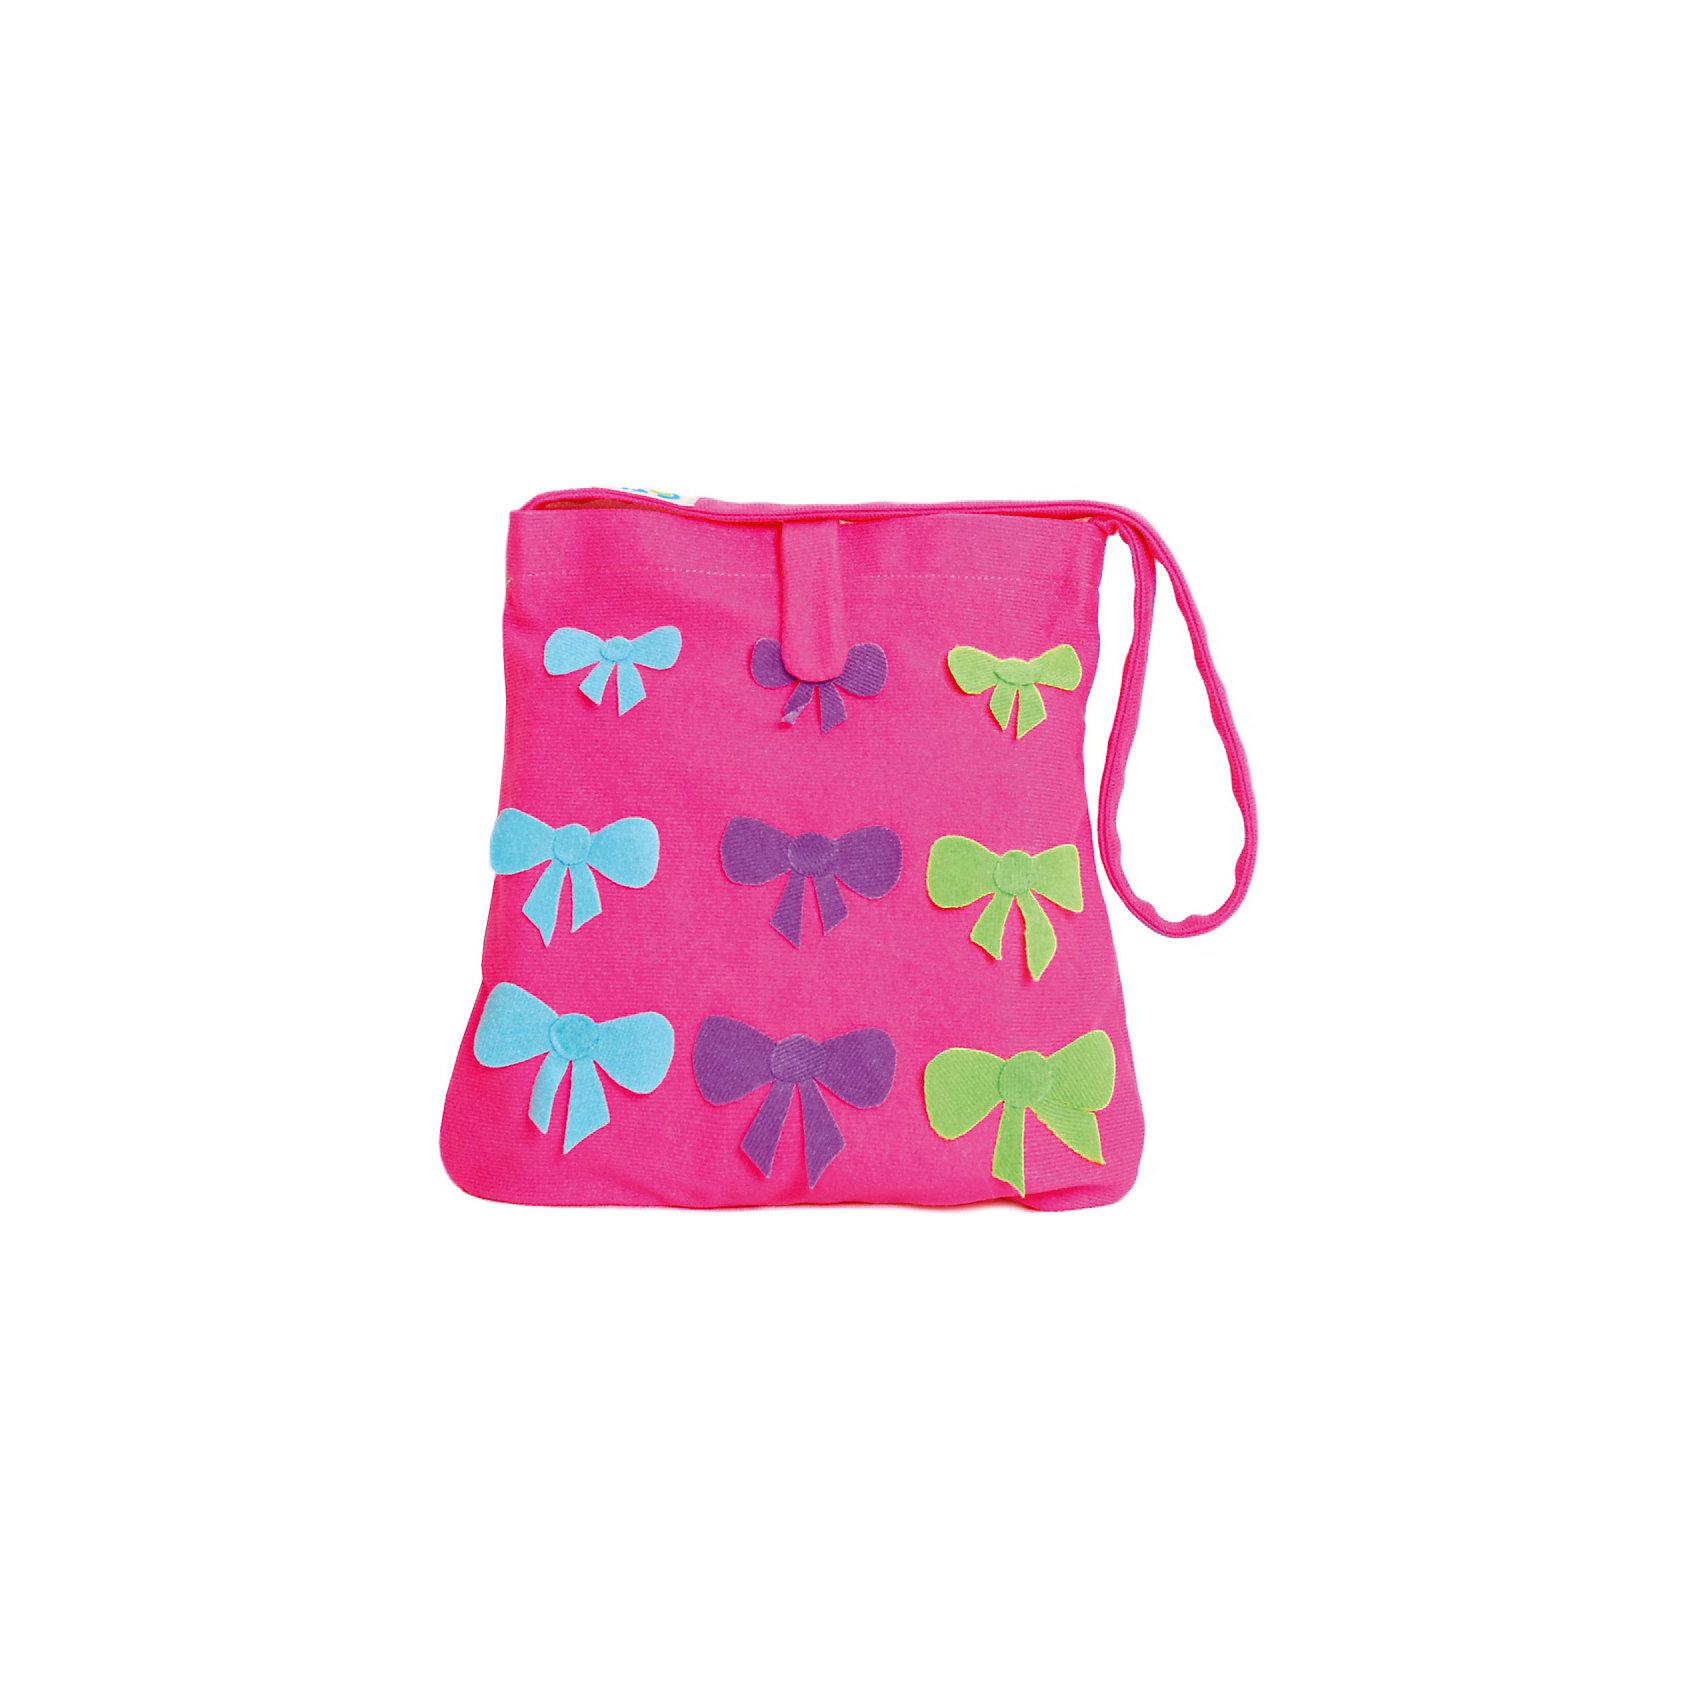 Стигис-аппликация Сумка детская, розоваяАксессуары<br>Если девочка давно мечтает о красивой сумке с оригинальной аппликацией, то ей обязательно понравится набор для стигис-аппликации на сумке. Ребенок сможет самостоятельно придумать дизайн и воссоздать его на сумочке при помощи ткани с термоклеевым слоем. Достаточно вырезать нужные элементы, выложить их на сумку и прогладить утюгом - красивая и практичная сумочка готова! В случае ошибки ткань можно снова прогладить утюгом, и она отклеится. Такой вид детского творчество хорошо развивает аккуратность, воображение и дизайнерские способности. Отличный подарок для юных рукодельниц!<br><br>Дополнительная информация: <br>В комплекте: сумка, кусочки stigis-ткани, выкройки, инструкция<br>Цвет: розовый<br>Размер: 3,5х27х20 см<br>Вес: 110 грамм<br>Набор для стигис-аппликации можно купить в нашем интернет-магазине.<br><br>Ширина мм: 200<br>Глубина мм: 270<br>Высота мм: 35<br>Вес г: 110<br>Возраст от месяцев: 60<br>Возраст до месяцев: 120<br>Пол: Унисекс<br>Возраст: Детский<br>SKU: 4939422